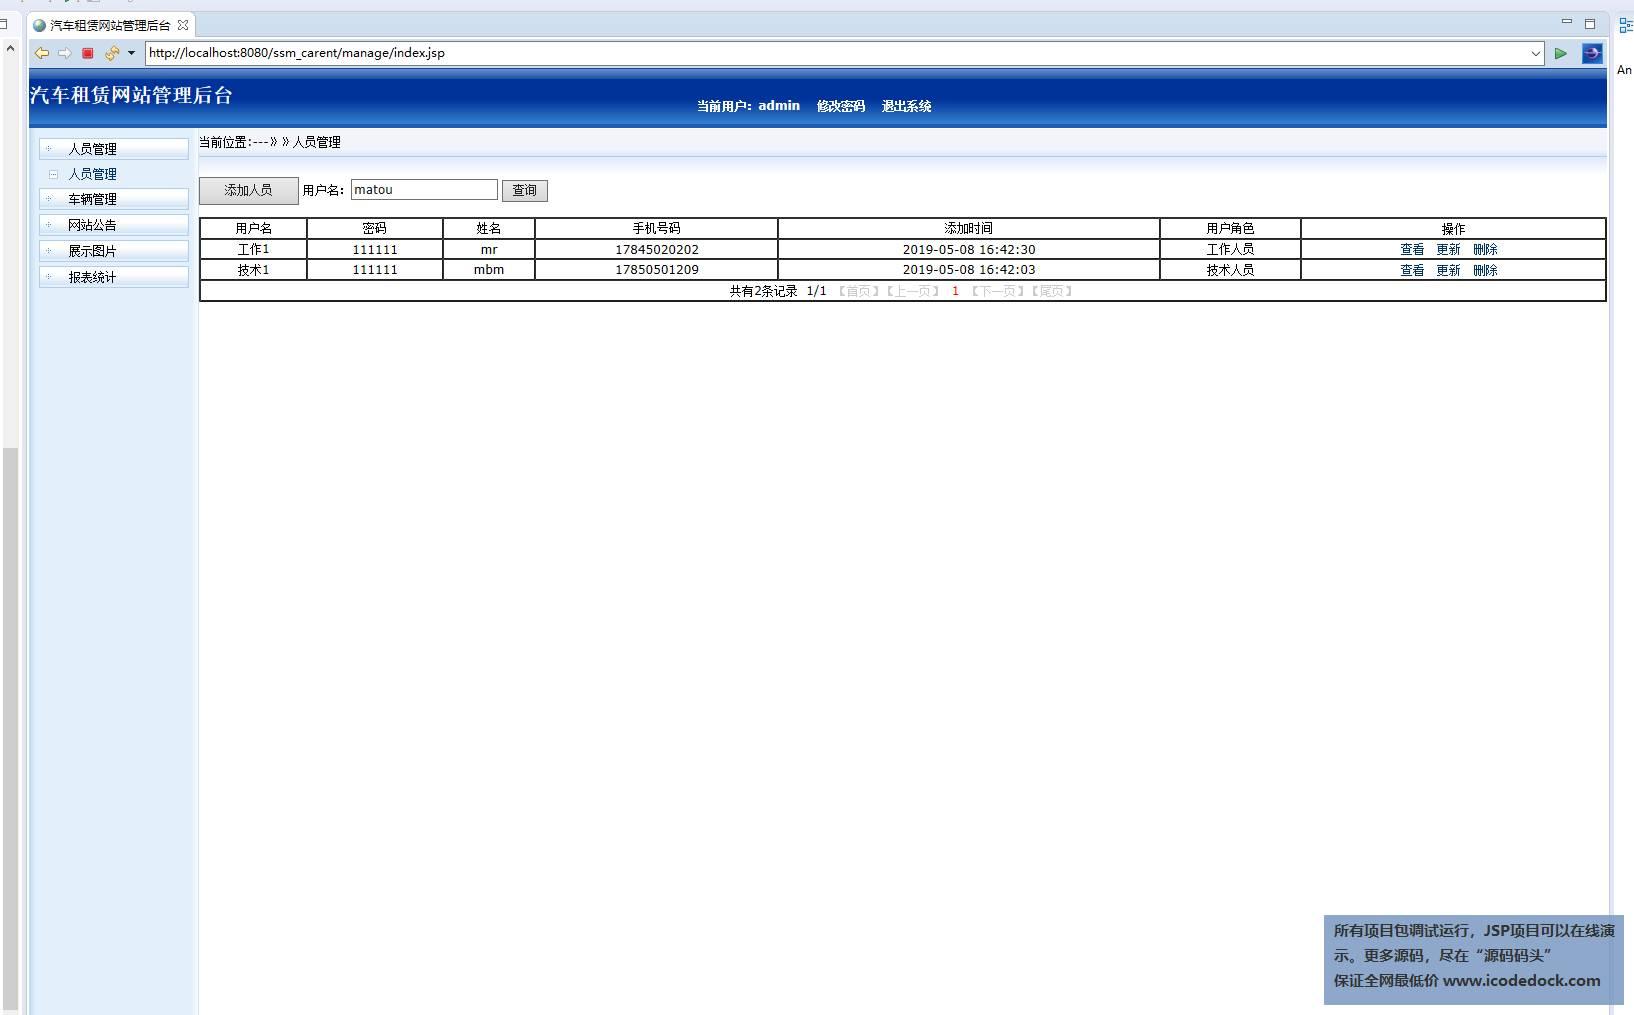 源码码头-SSM汽车出租管理系统-管理员角色-员工管理